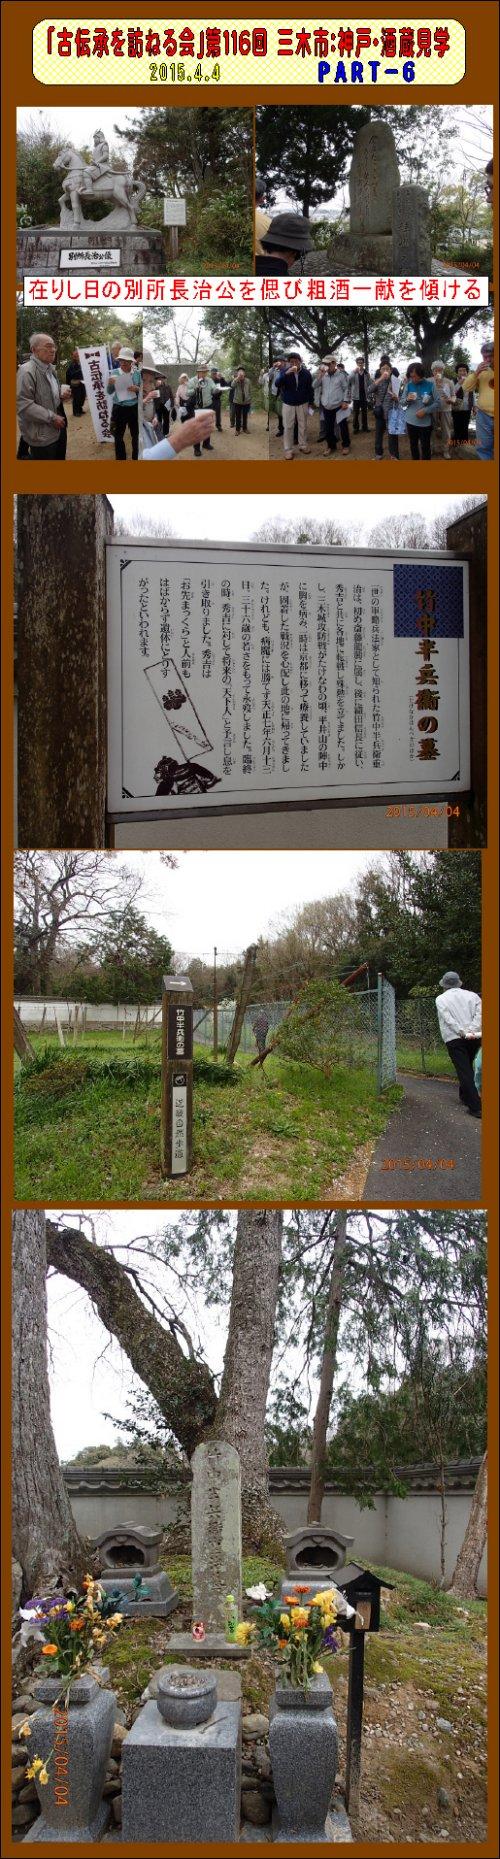 第116回三木市・神戸-6